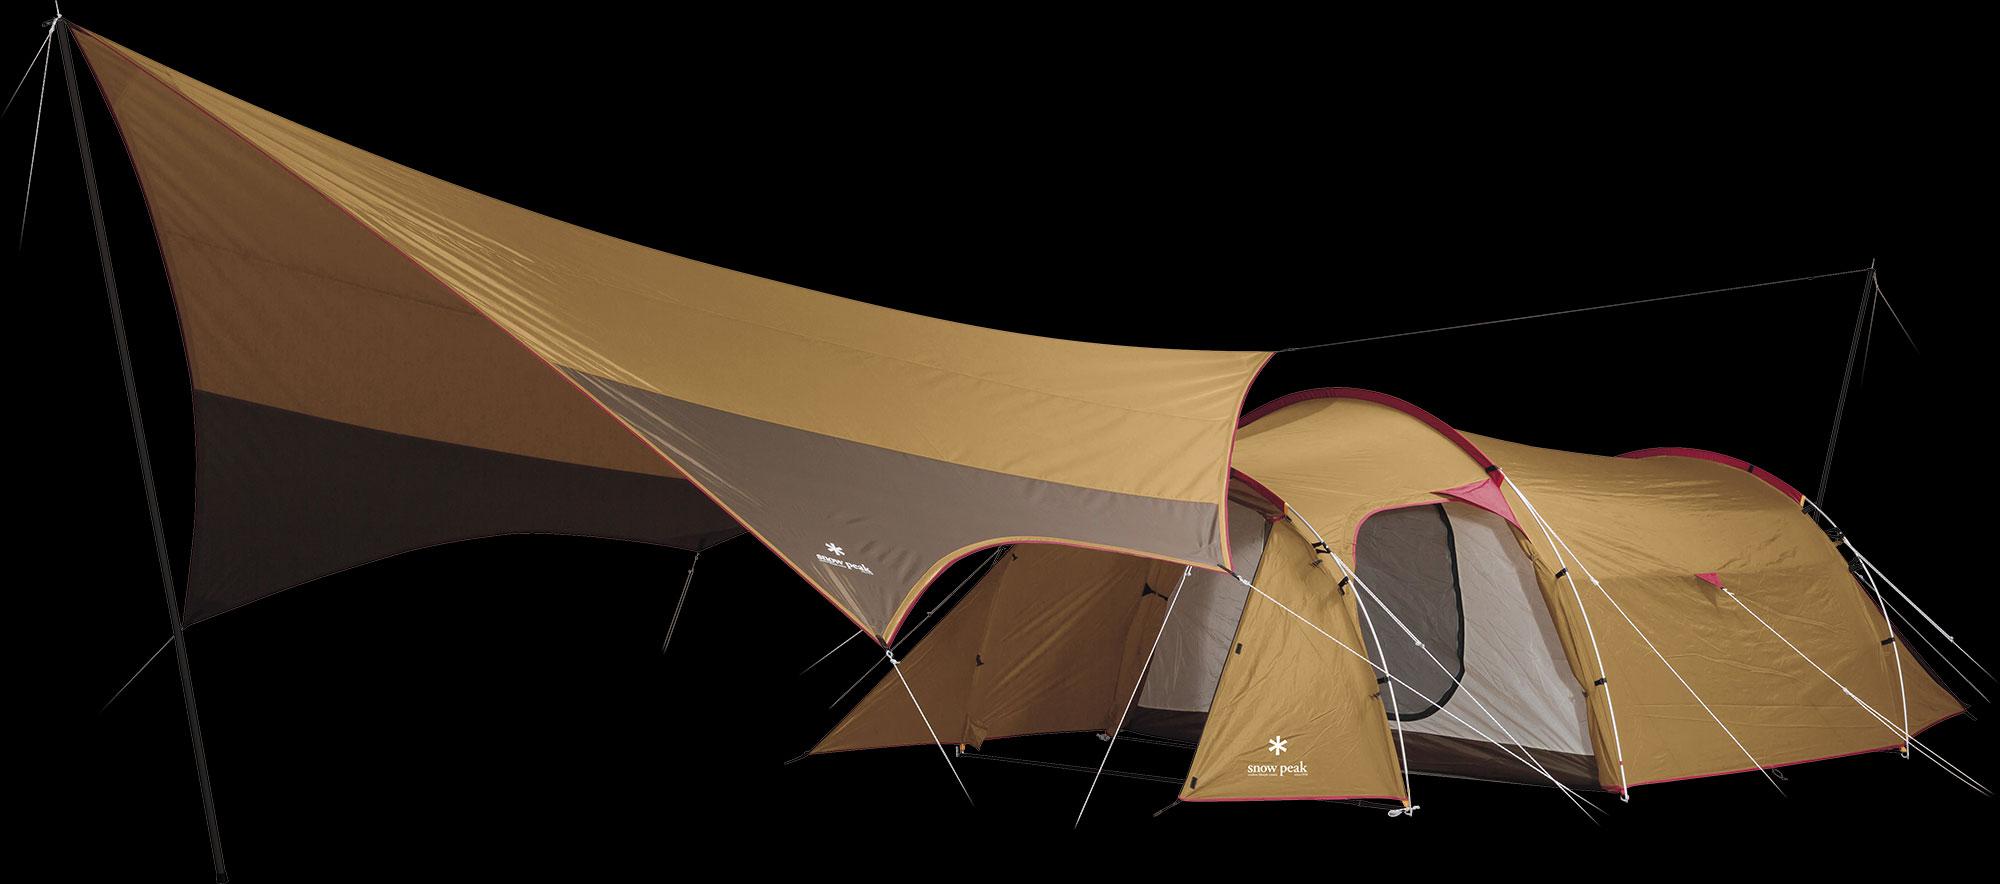 Camping-Küchenbedarf Snow Peak 60Th Anniversary Trekking Set Set-160